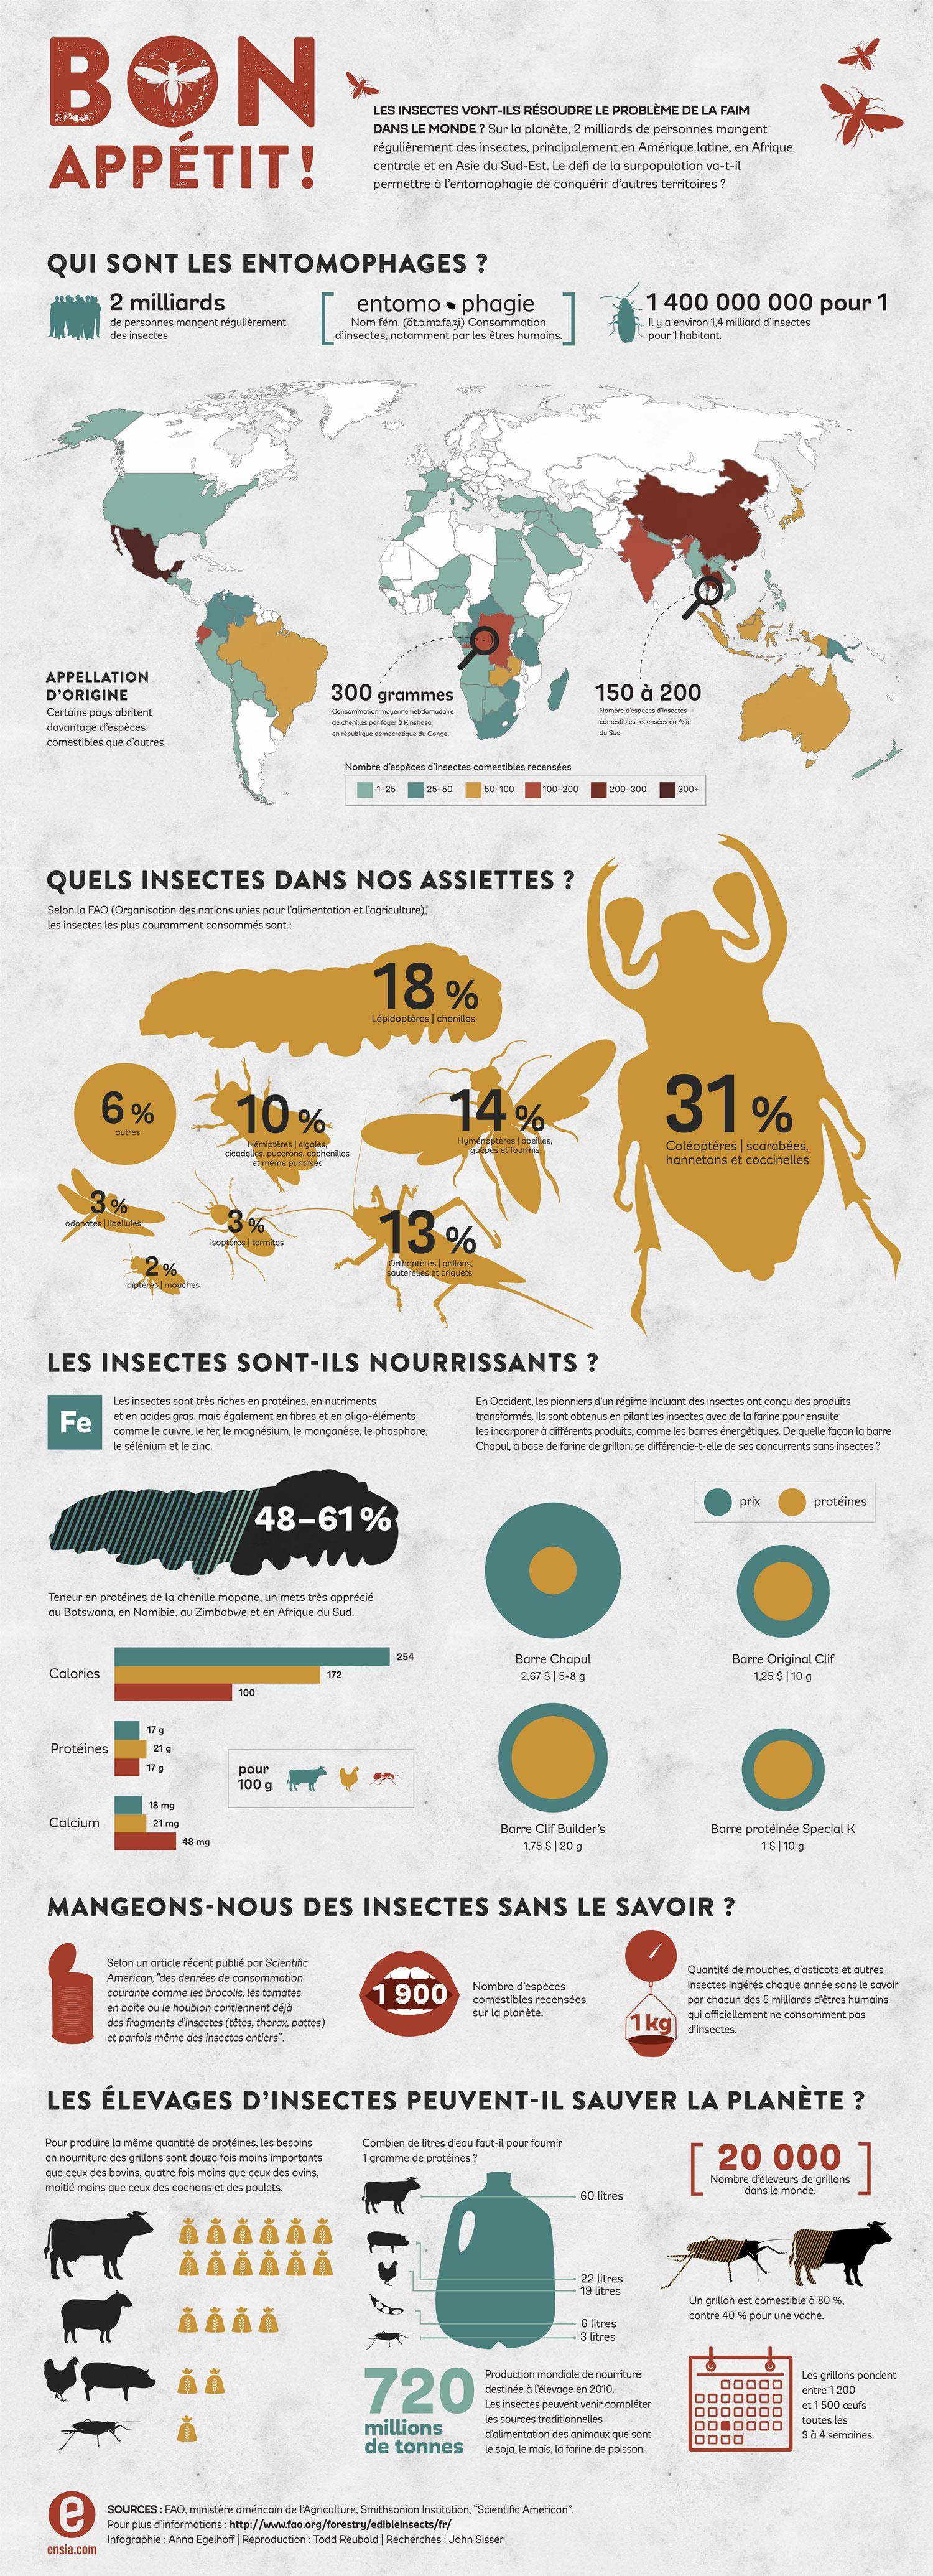 Savoureux, nutritifs, abondants, les insectes sont au menu de 2 milliards de personnes sur la planète.